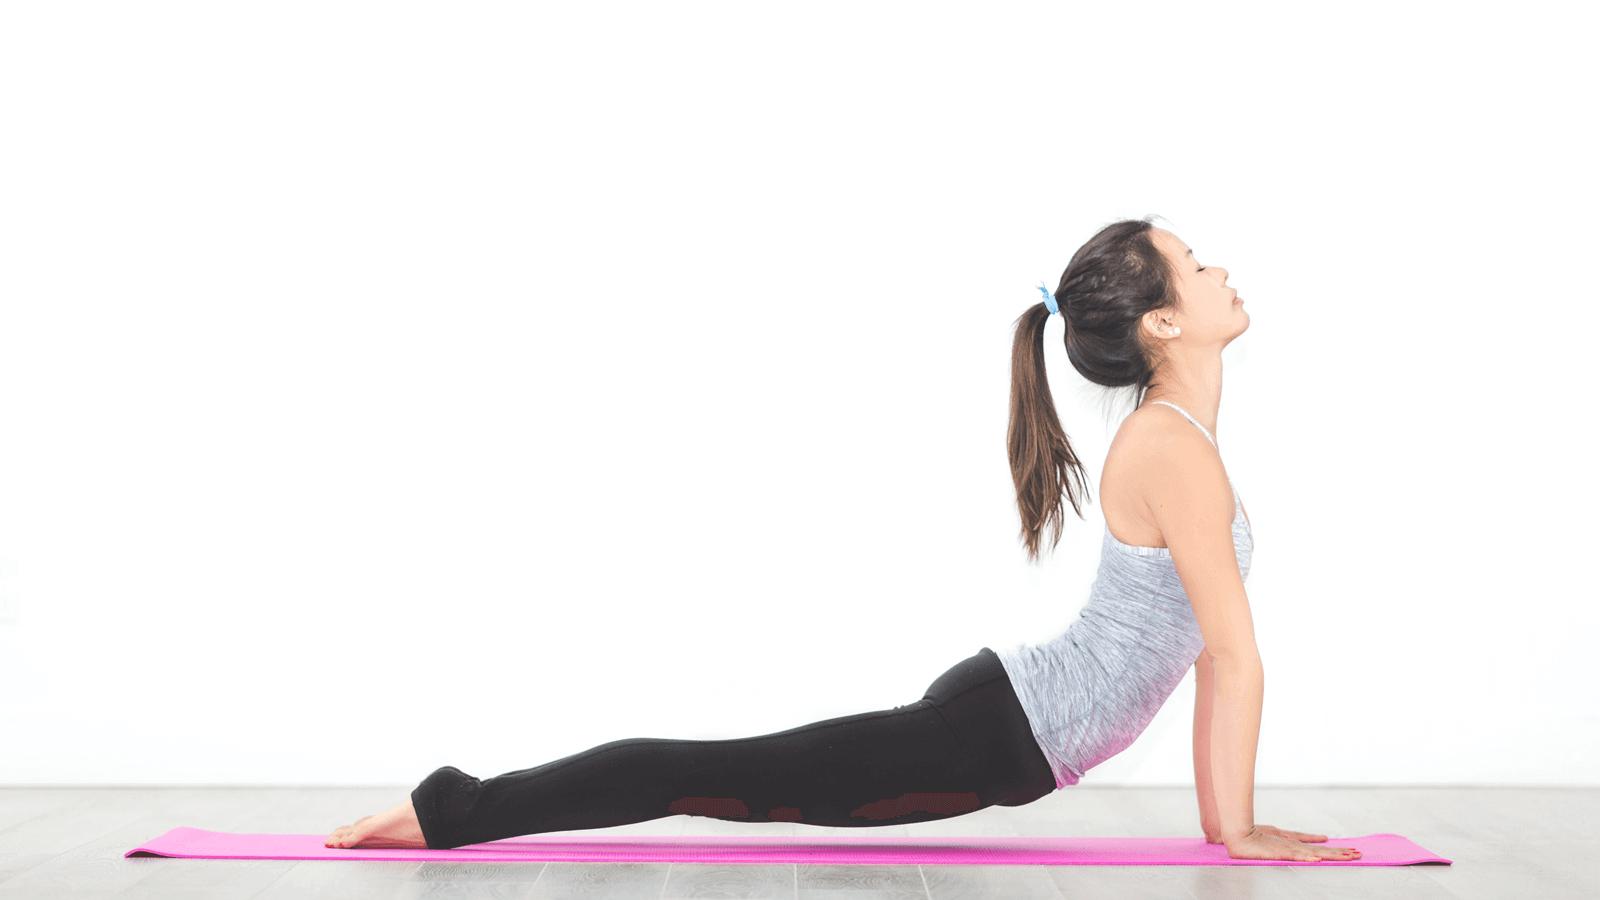 các bài tập yoga giảm cân tại nhà,các bài tập yoga tại nhà giúp giảm cân,các bài tập yoga giảm béo tại nhà